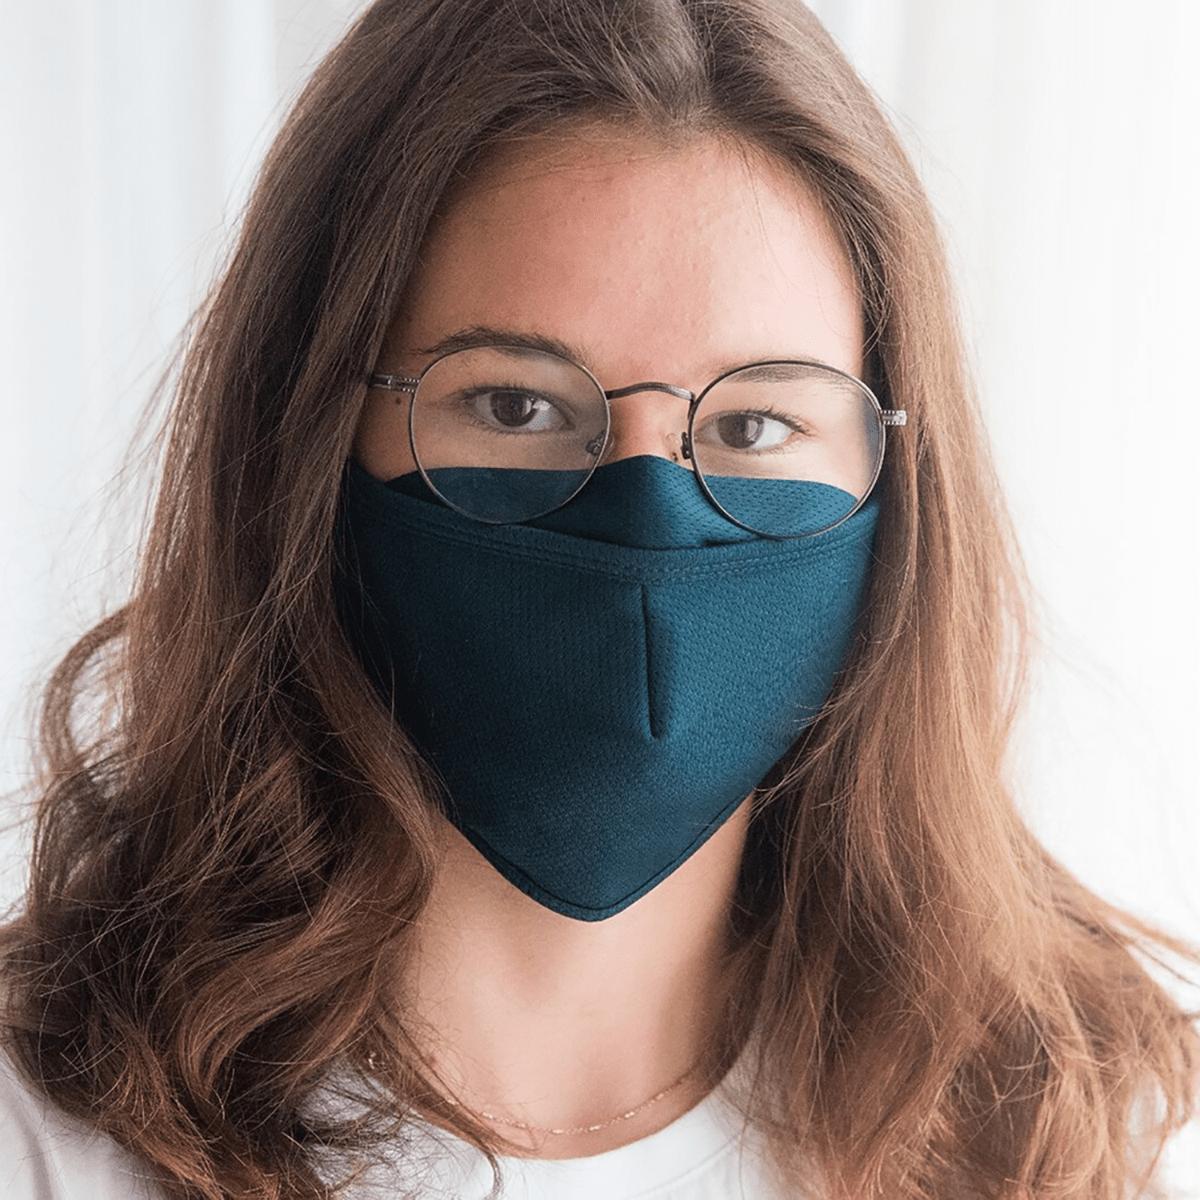 Juerg Siegrist AG - Textile Maske Pantone 547C dunkelblau